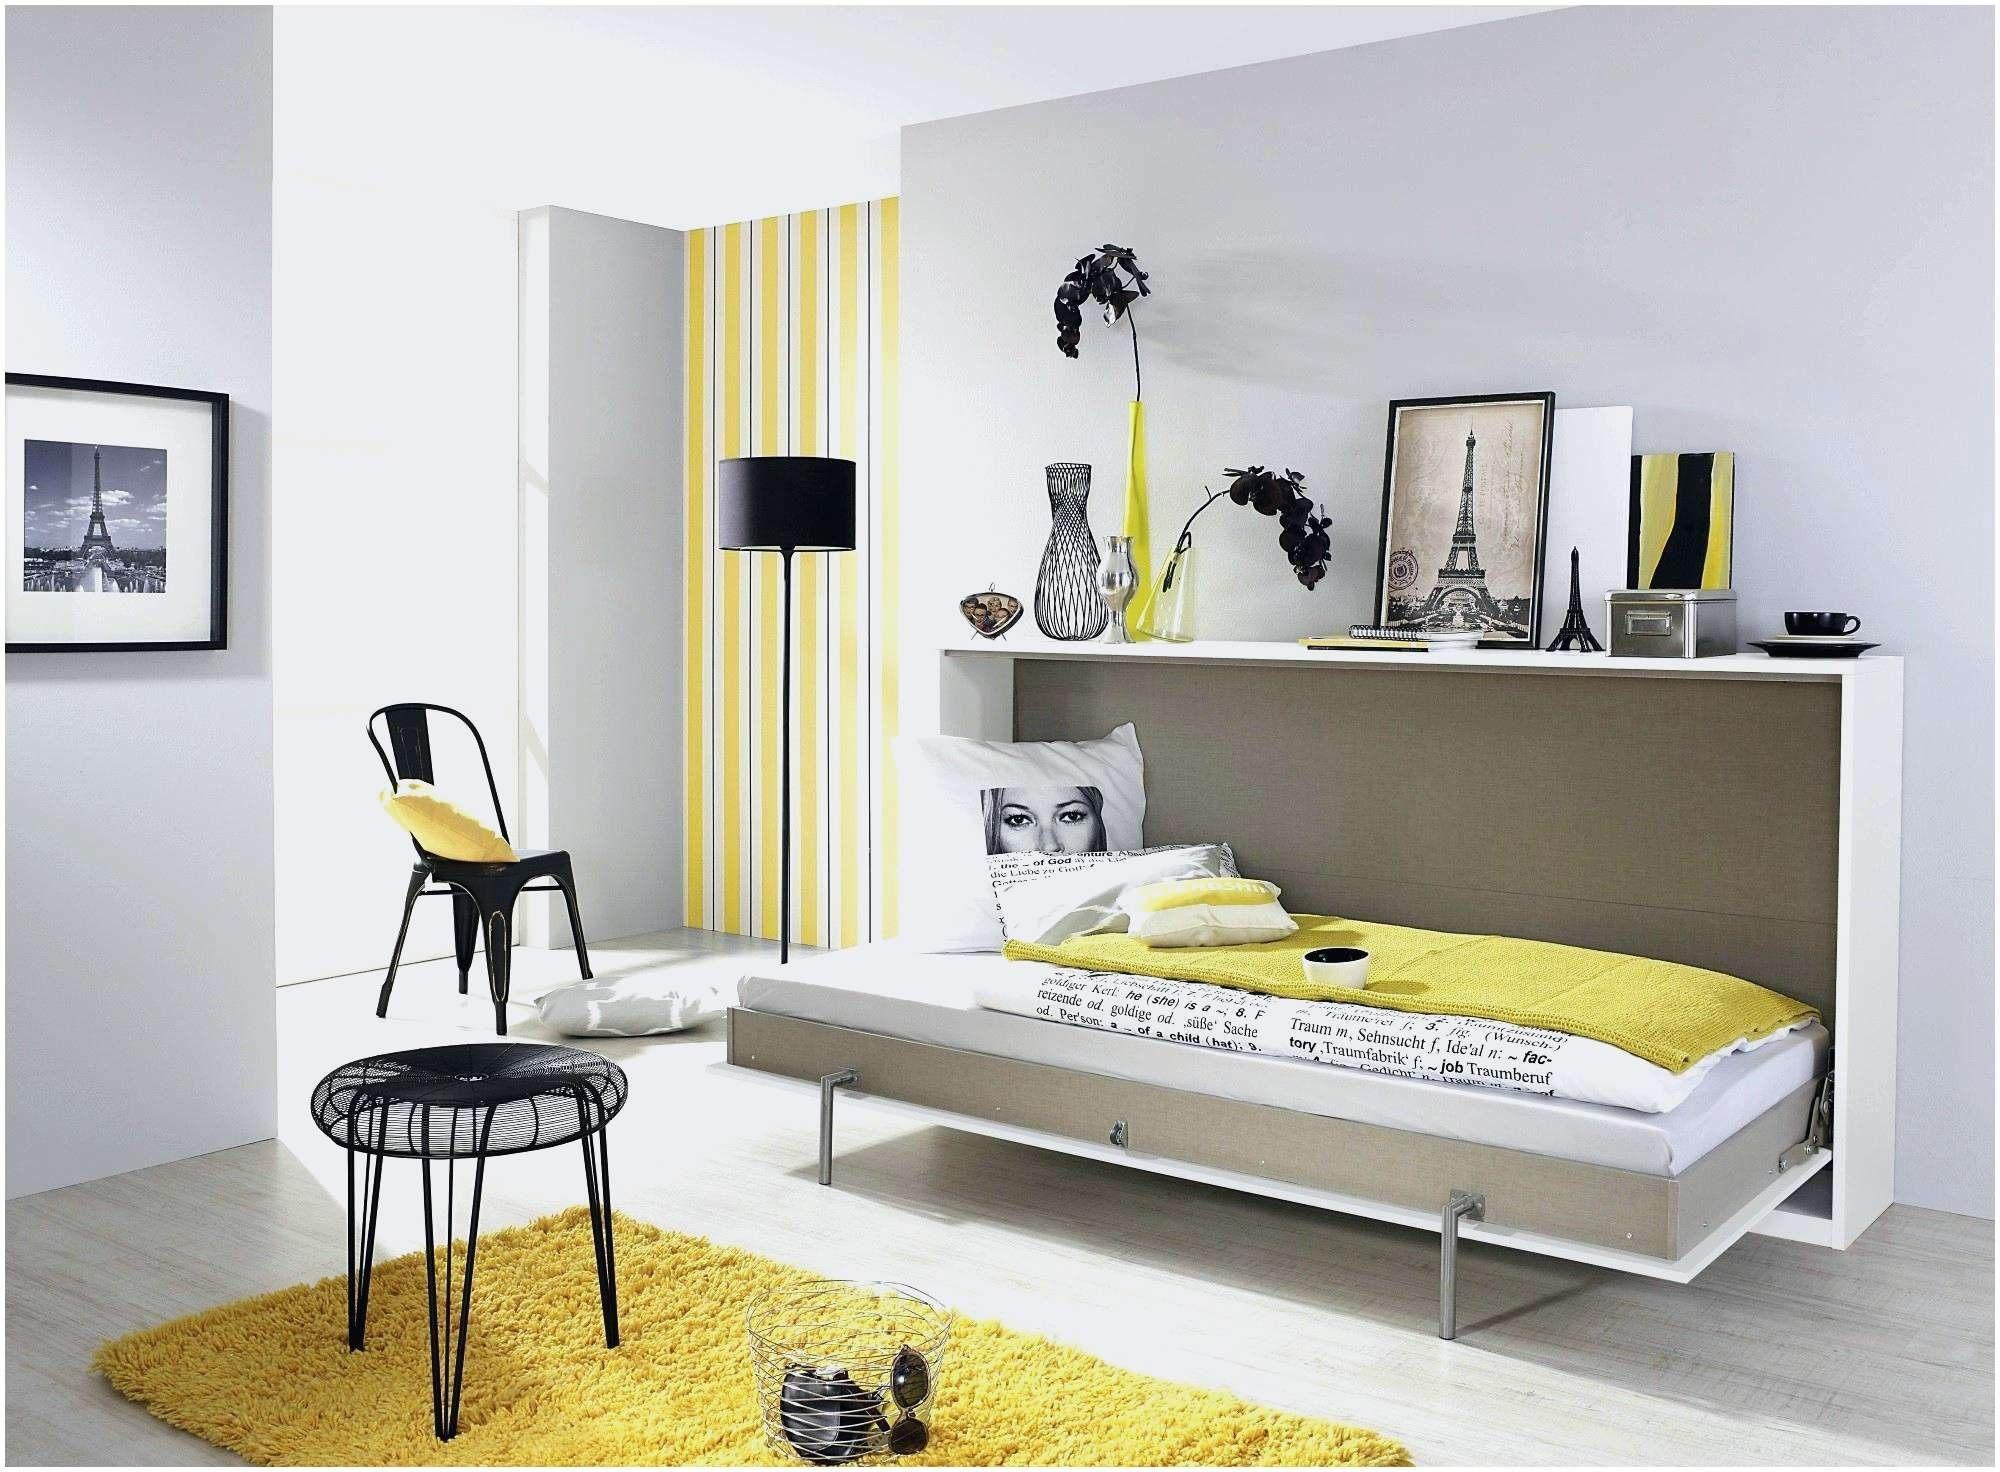 tete de lit solde belle luxe tete de lit bois flotte beau. Black Bedroom Furniture Sets. Home Design Ideas